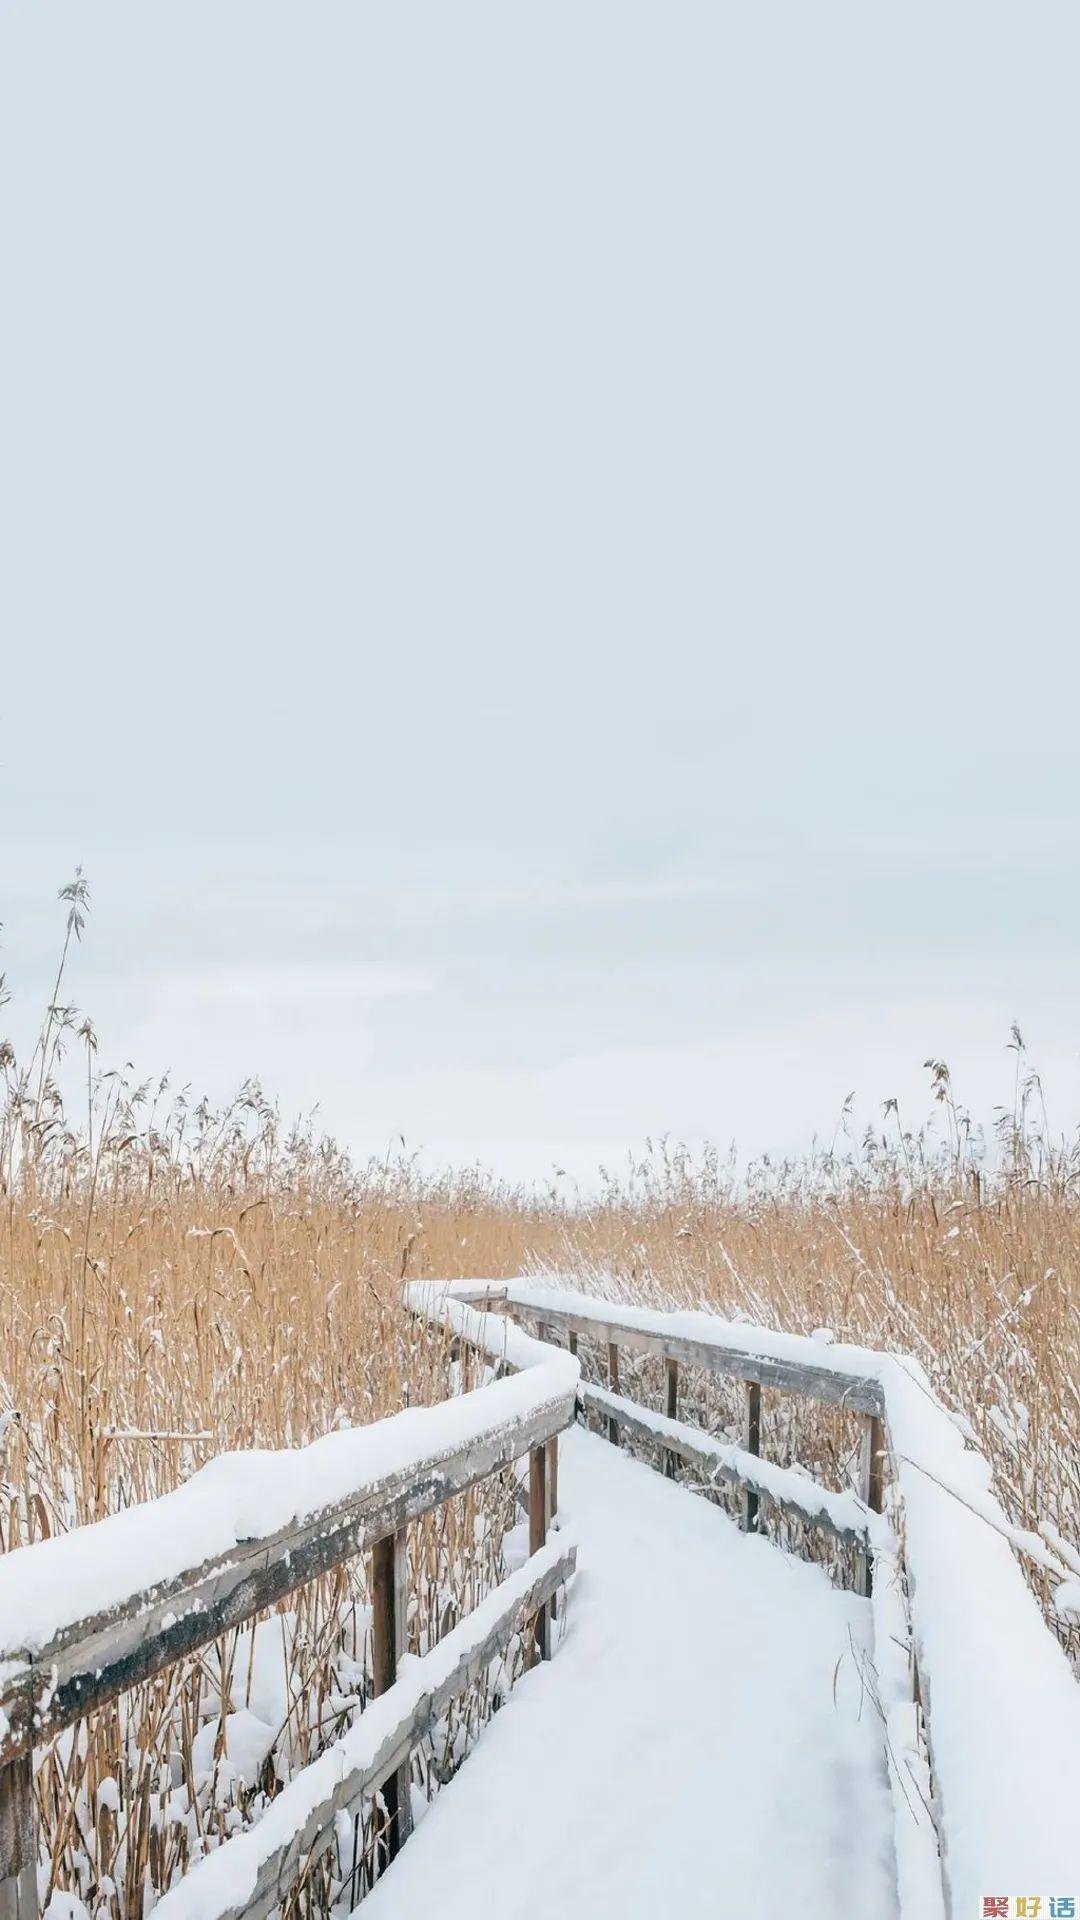 非常有文章的初冬第一场雪文案: 霜雪落满头,也算共白首插图(4)